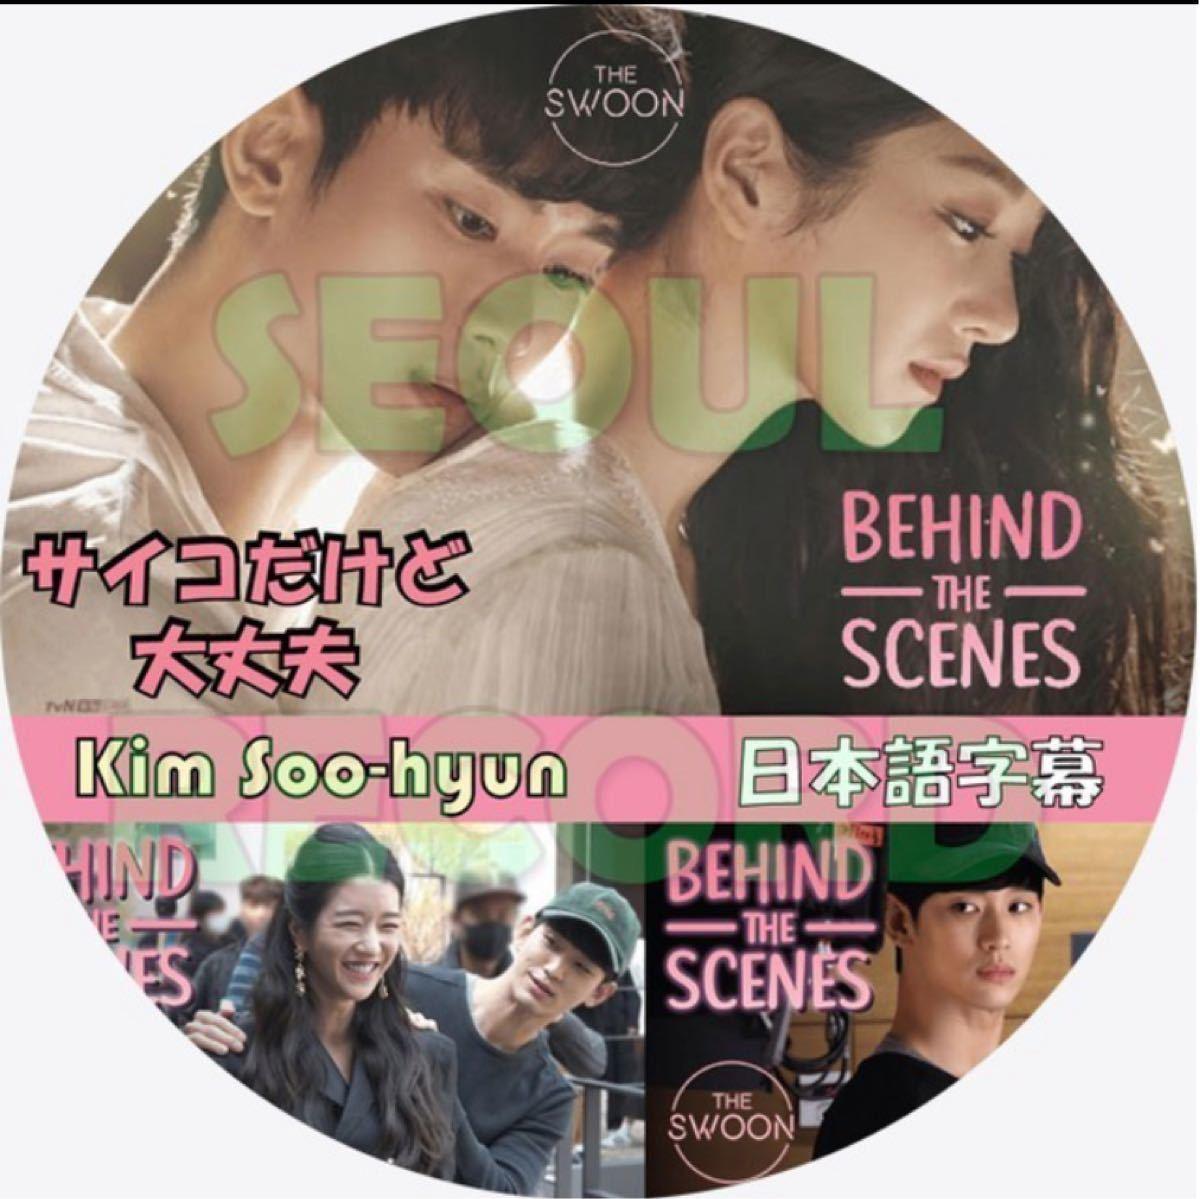 キム・スヒョンサイコだけど大丈夫 ビハインド日本語字幕付 DVDレーベル印刷付DVD